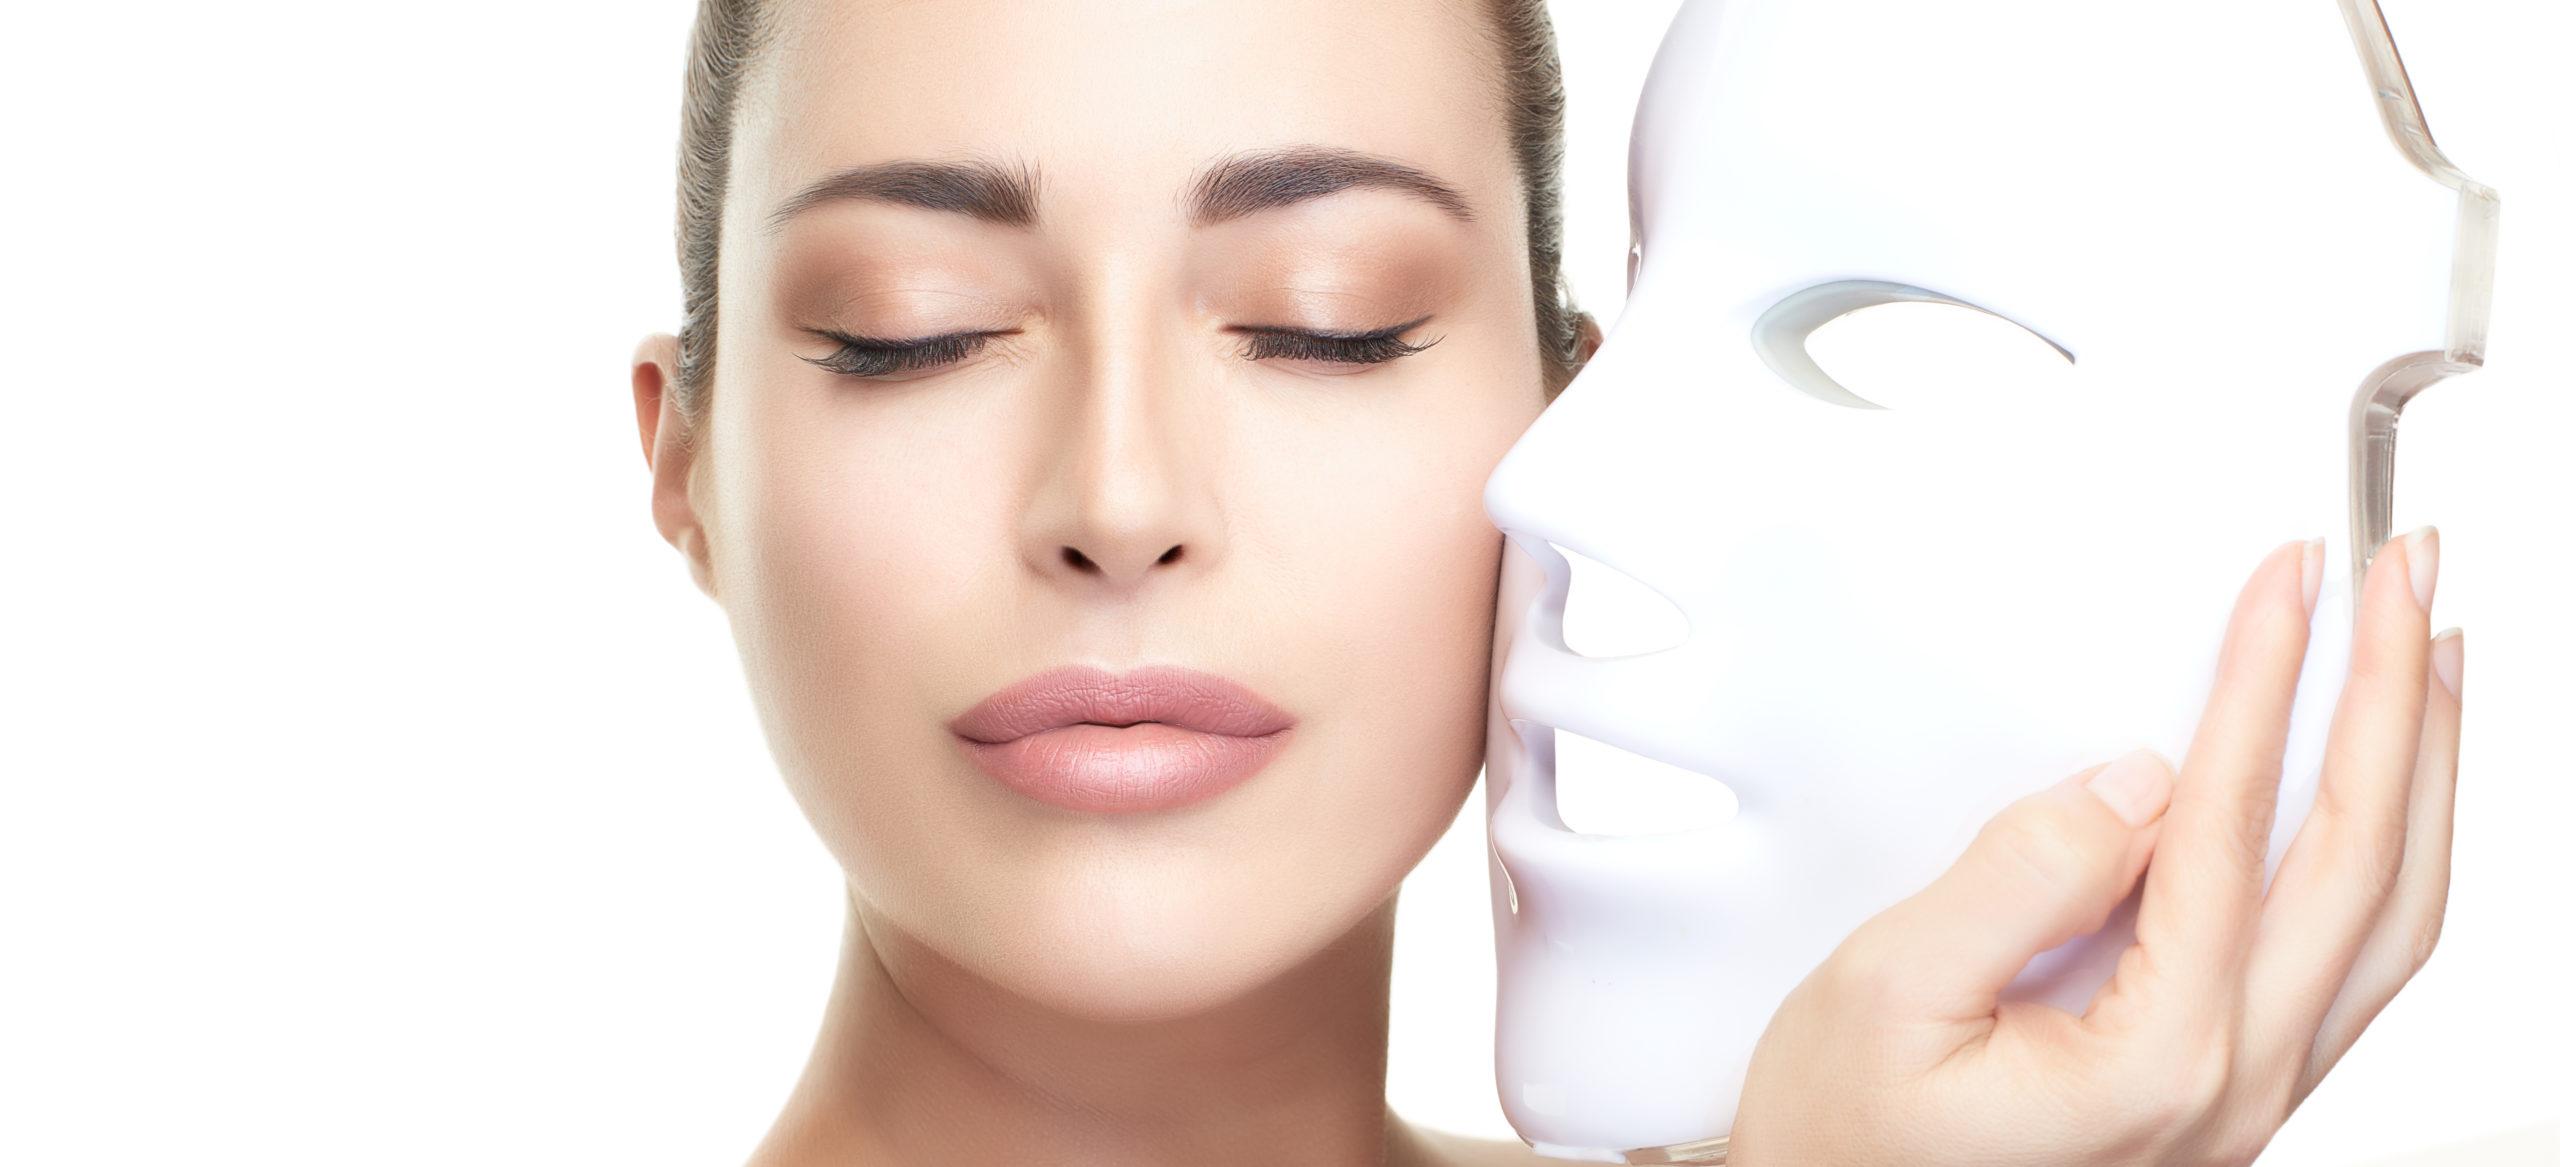 ماسك الوجه الضوئي لتجديد البشرة